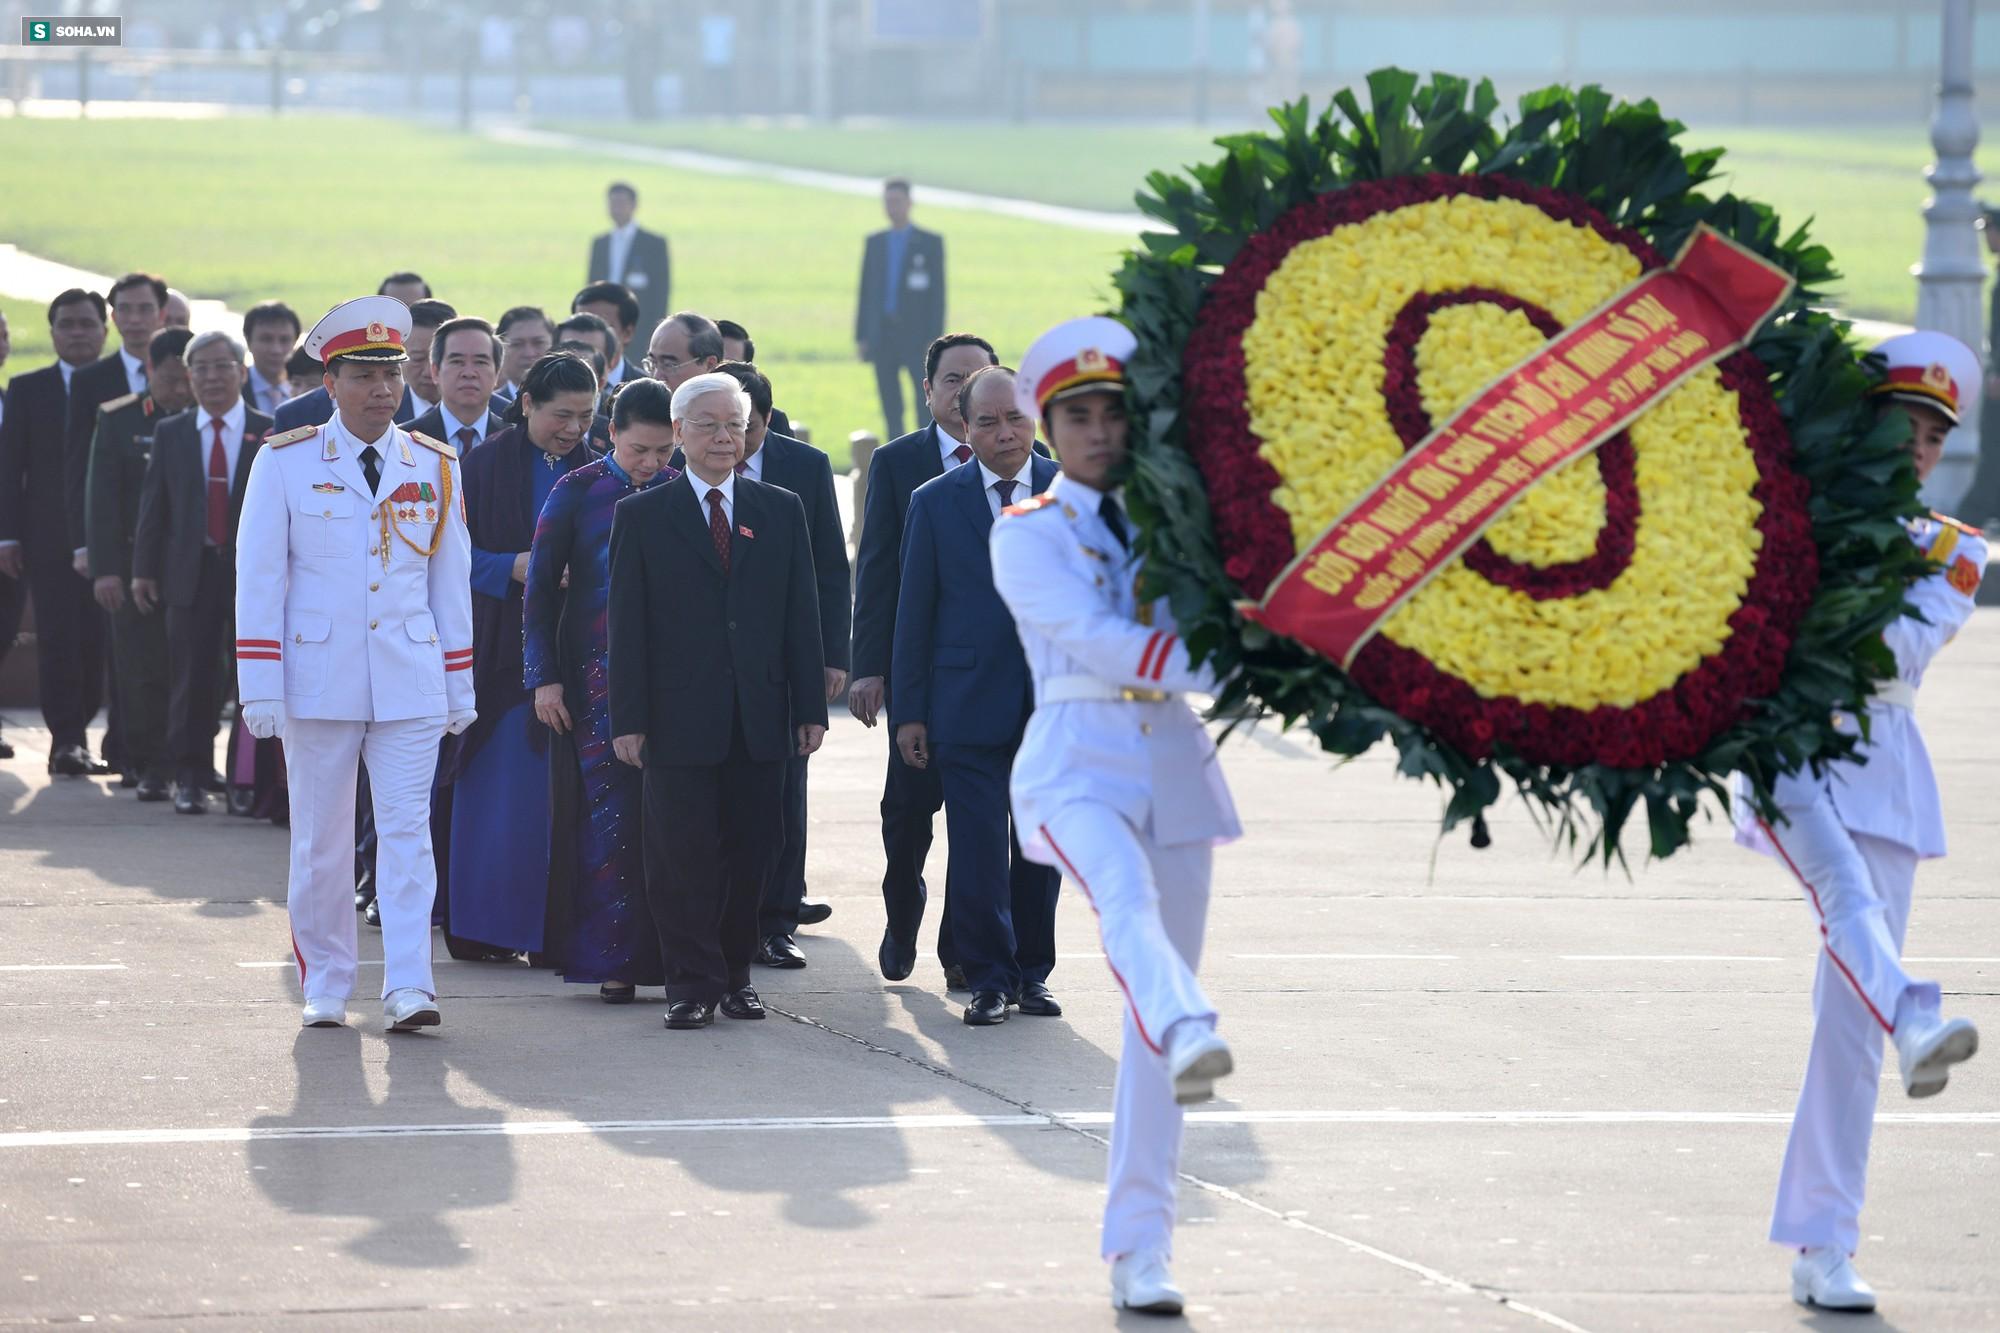 Đại biểu Quốc hội viếng Chủ tịch Hồ Chí Minh - Ảnh 3.